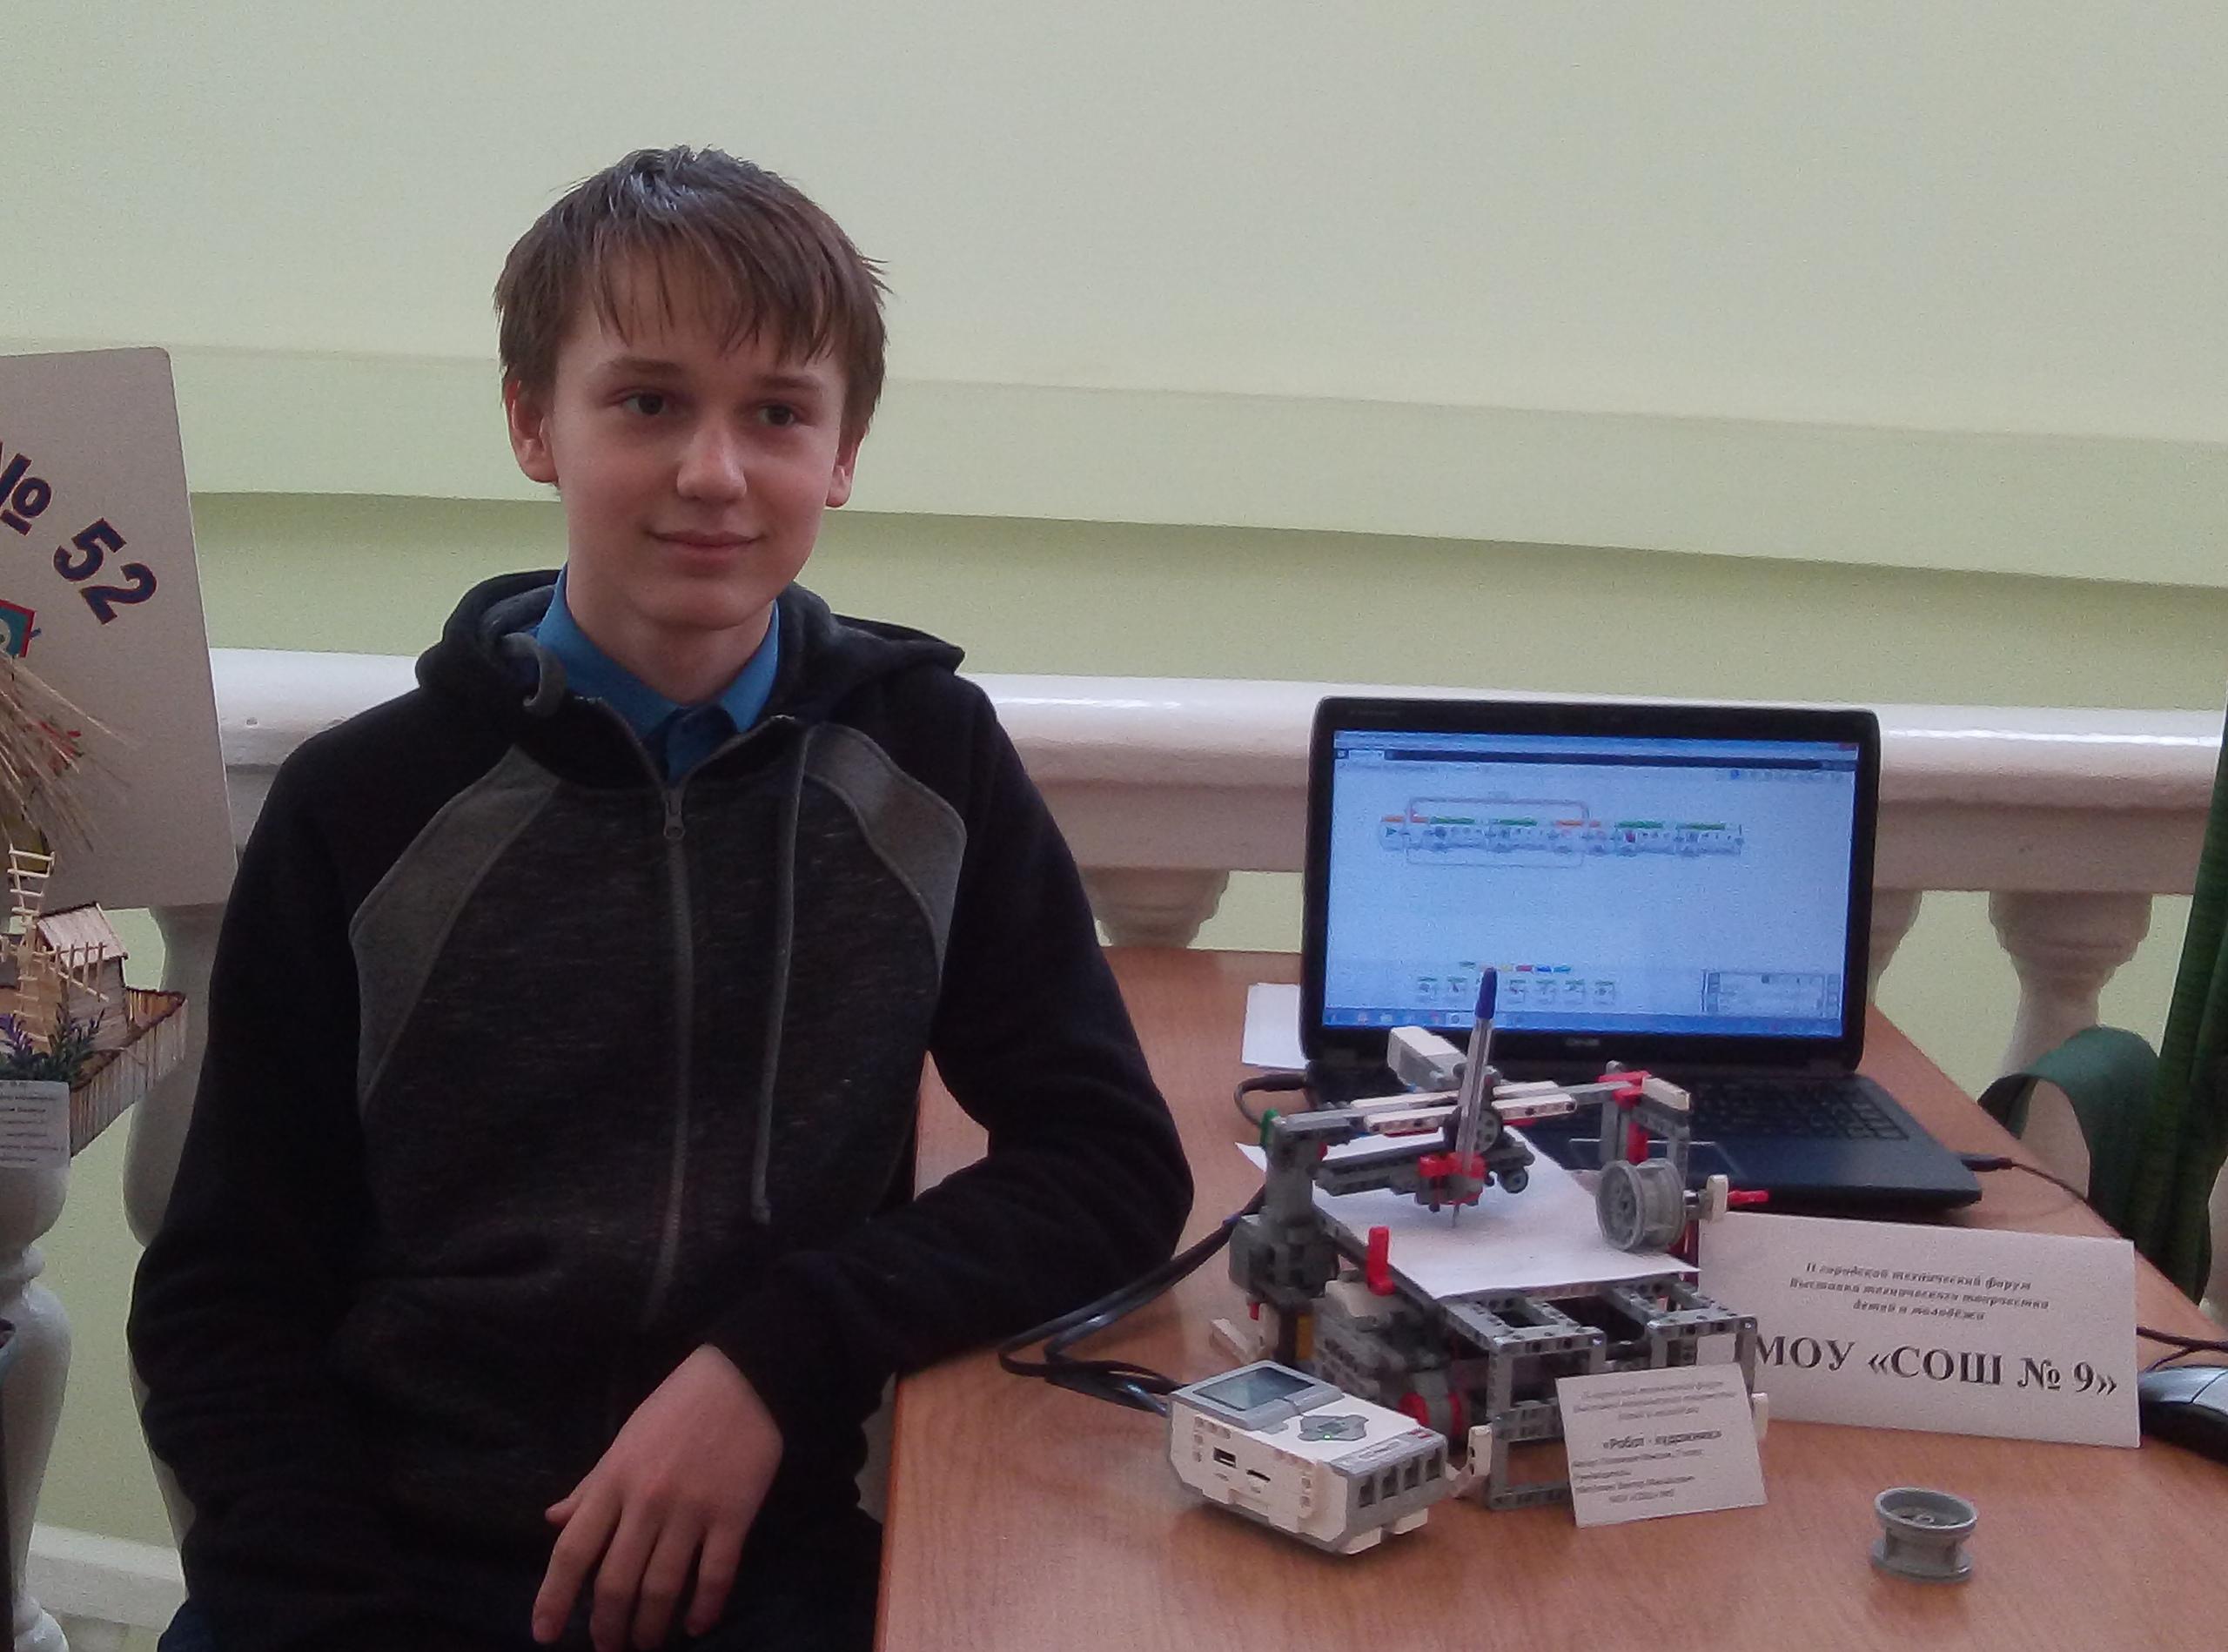 Полежаев Максим, участник 2-ого городского технического форума